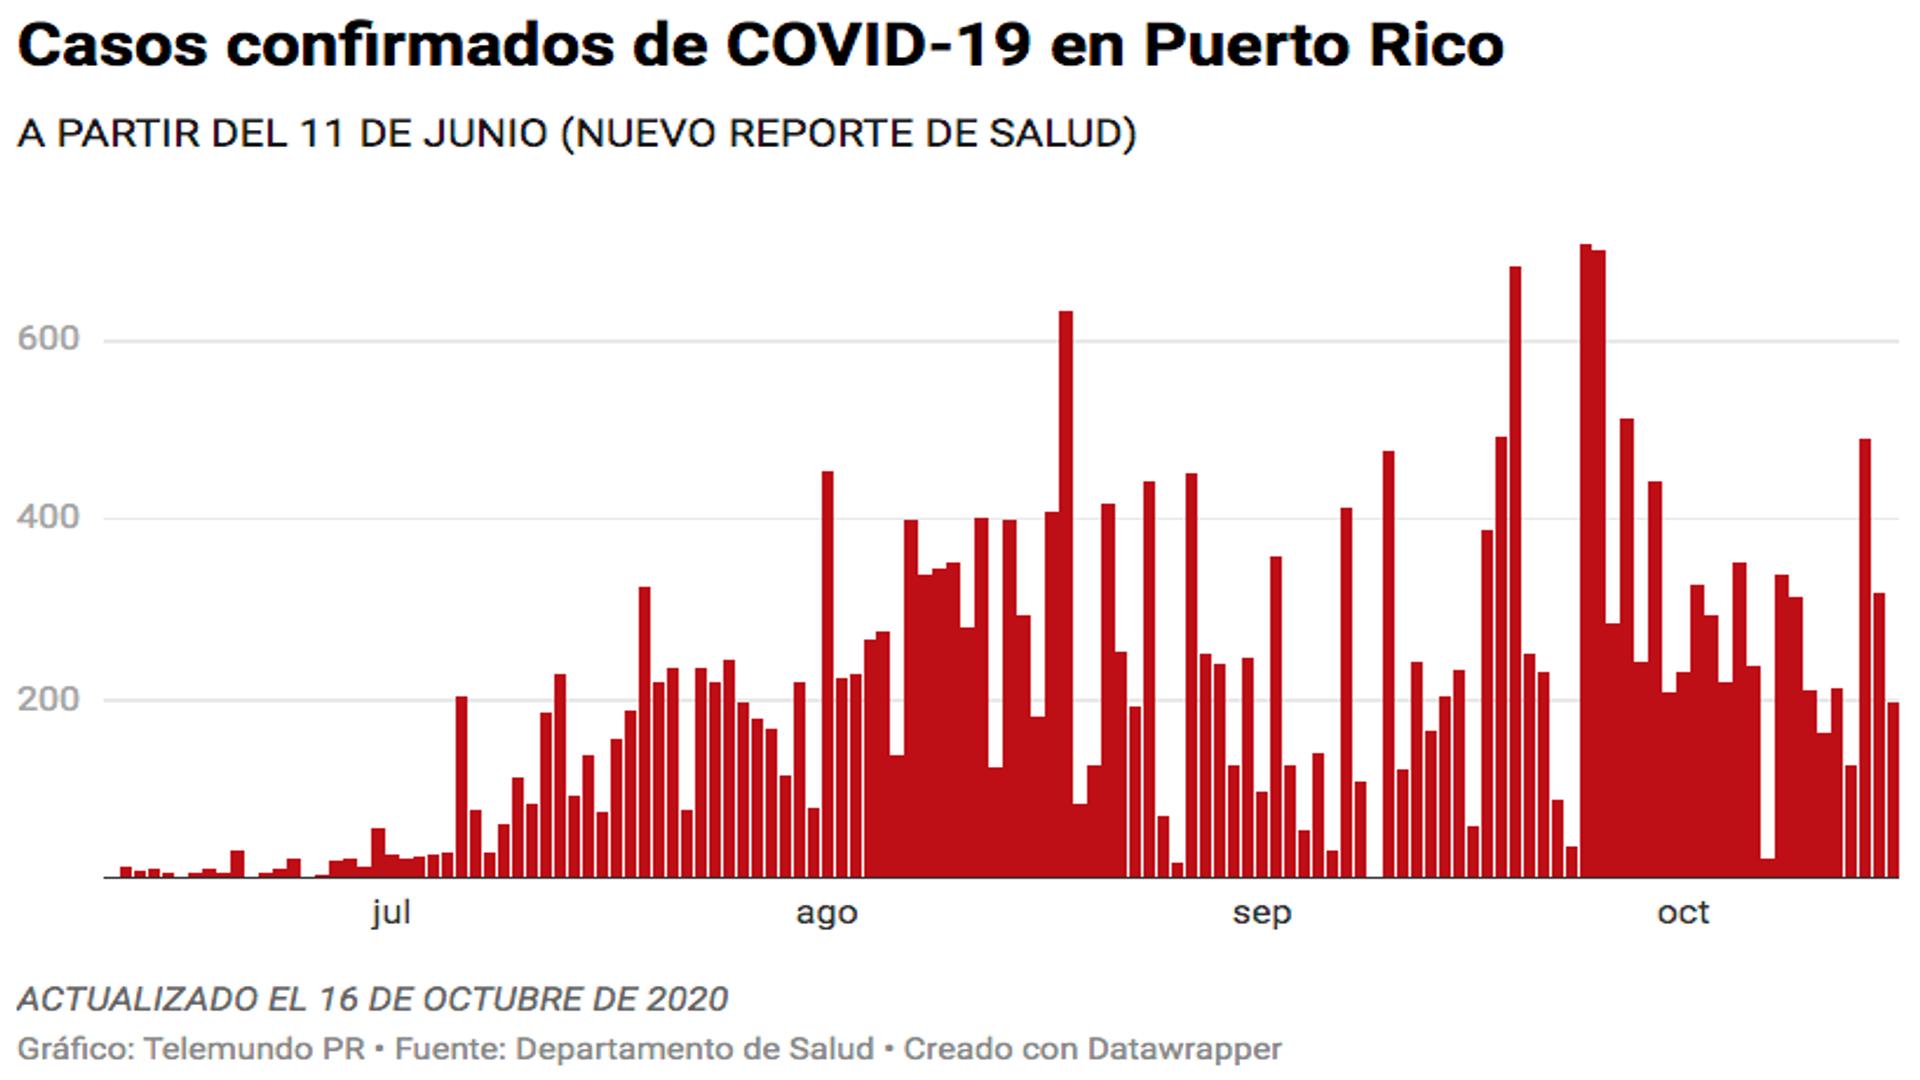 Salud reporta 15 muertes, 196 casos confirmados y 117 casos probables de COVID-19